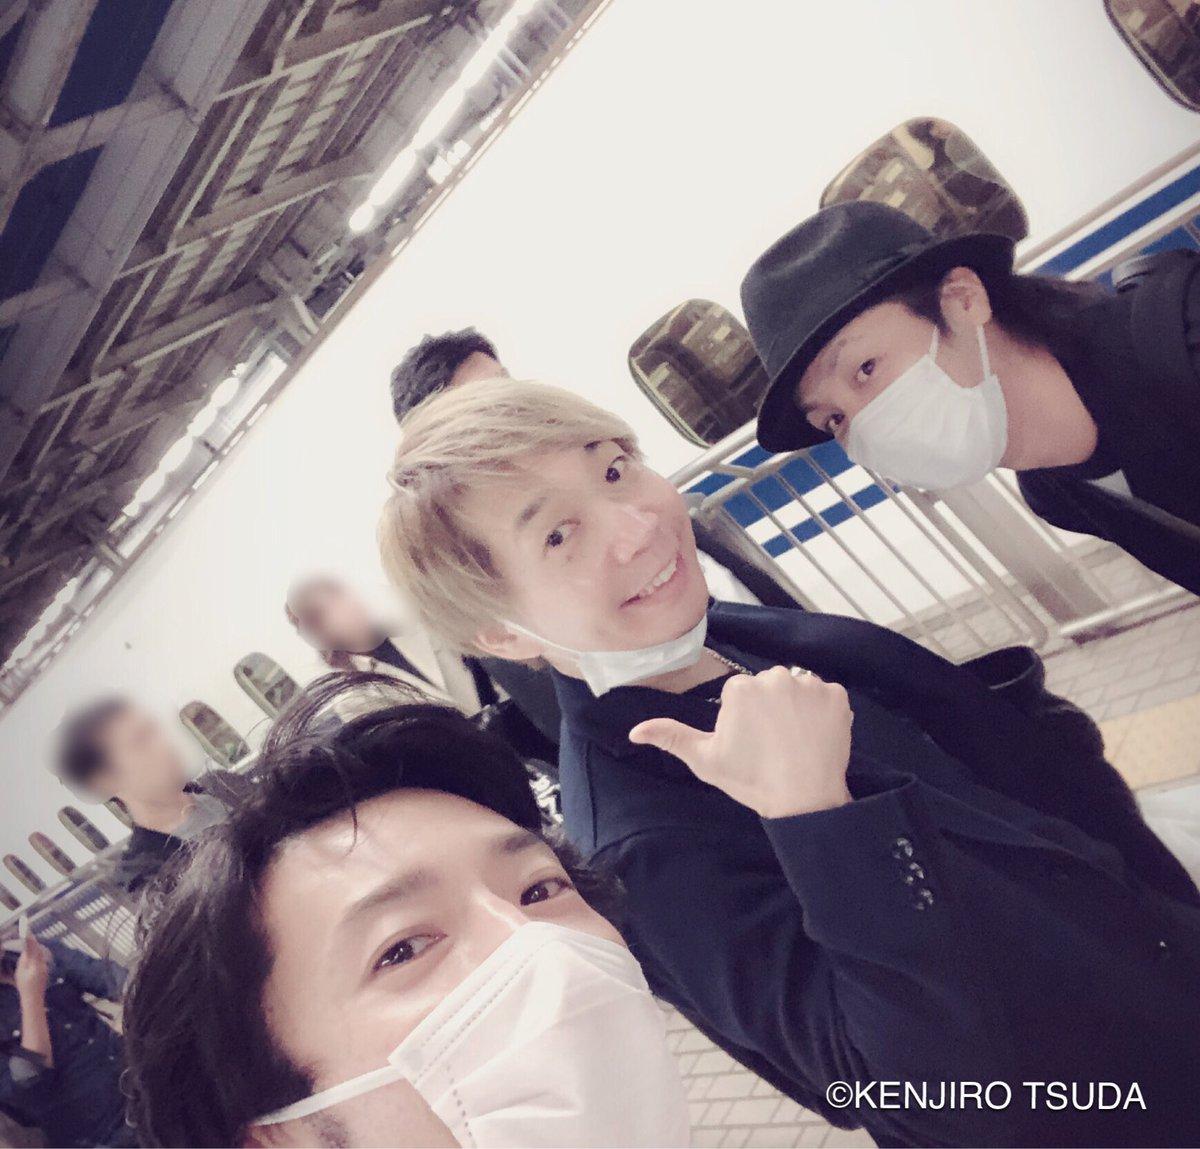 フェロ☆メンの3人で東京に戻る!ありがとう大阪!という風に見えるでしょ?(笑)諏訪部っちと鳥君にバッタリ。諏訪部っちとは前にもこんな事があったなぁ〜2人もお疲れ様〜